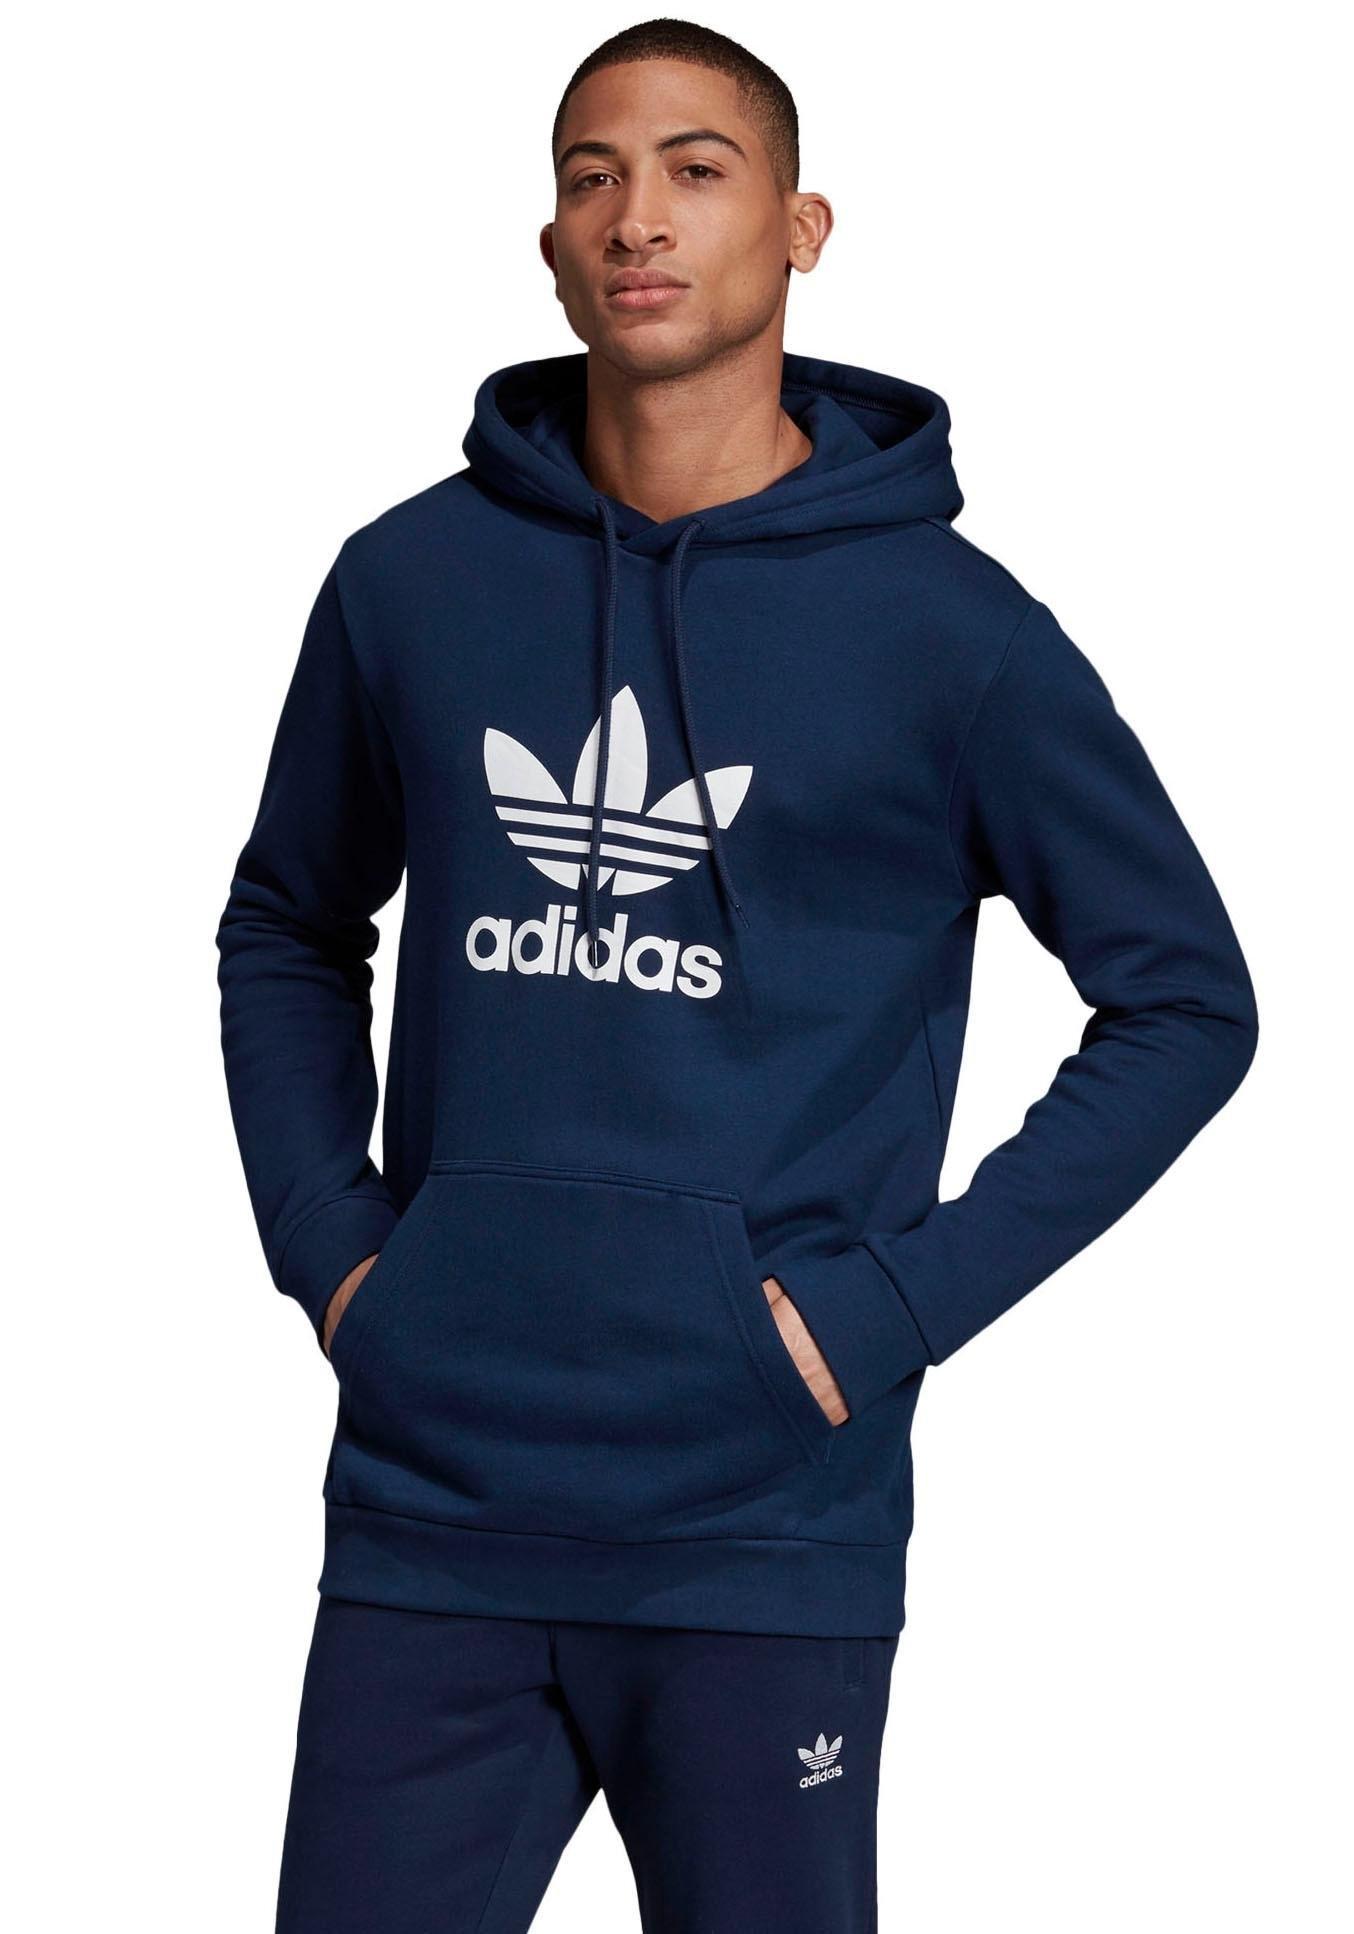 adidas Originals hoodie »TREFOIL HOODIE« nu online kopen bij OTTO